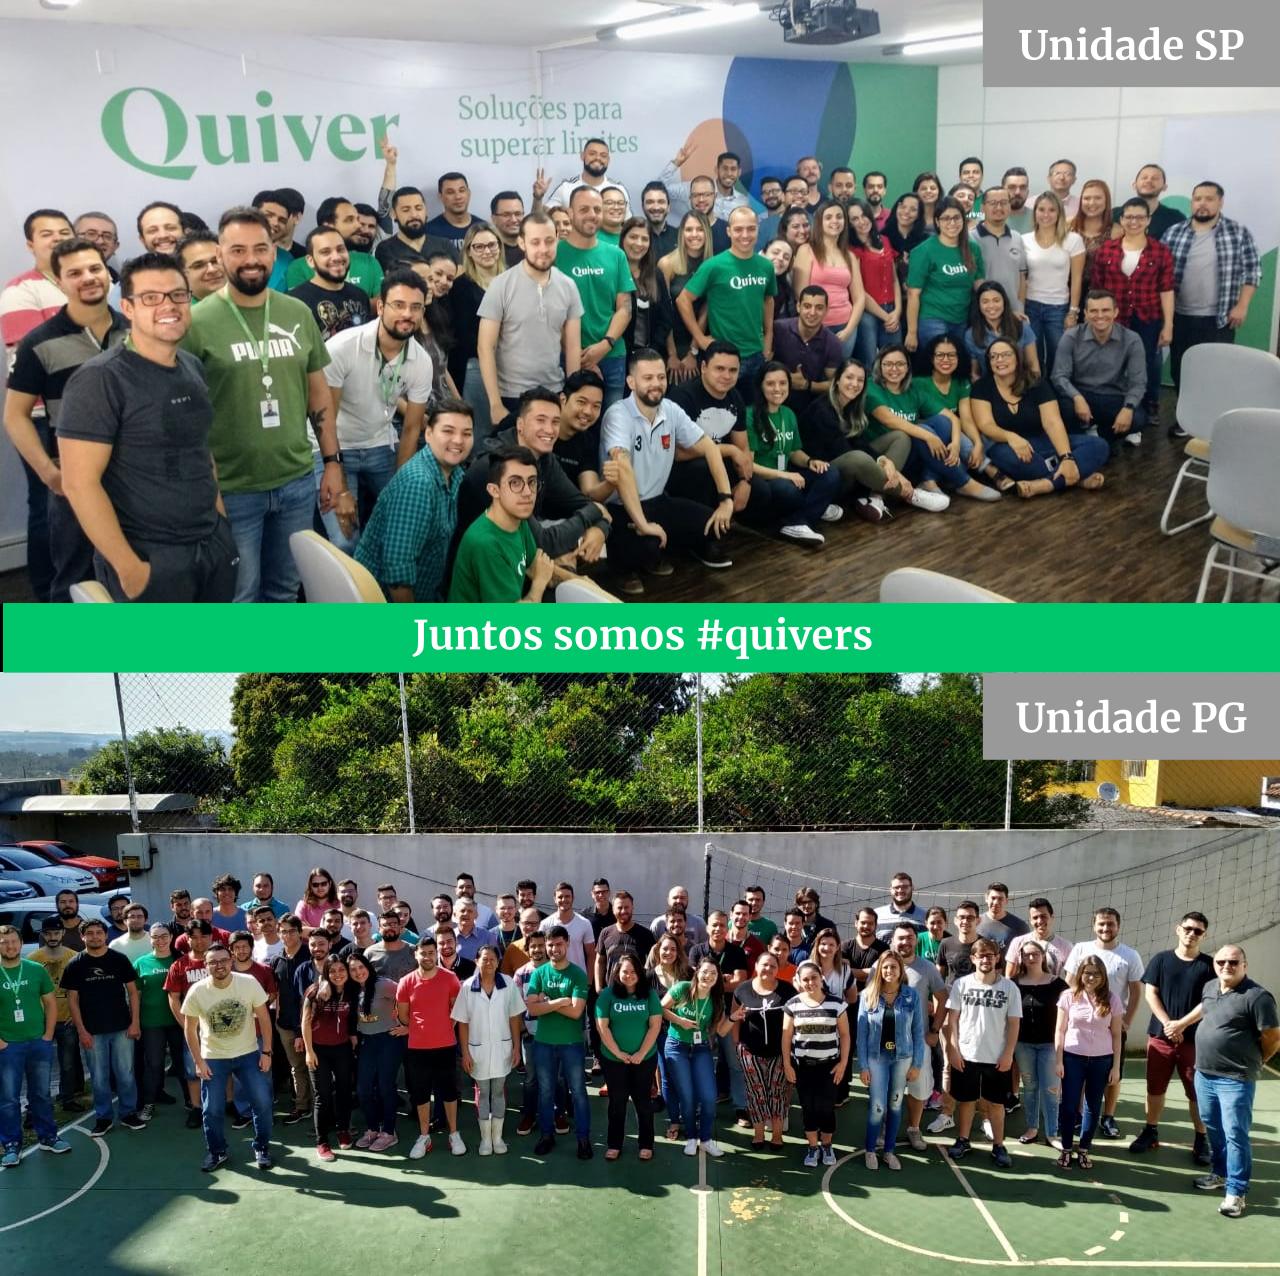 Juntos somos #quivers!